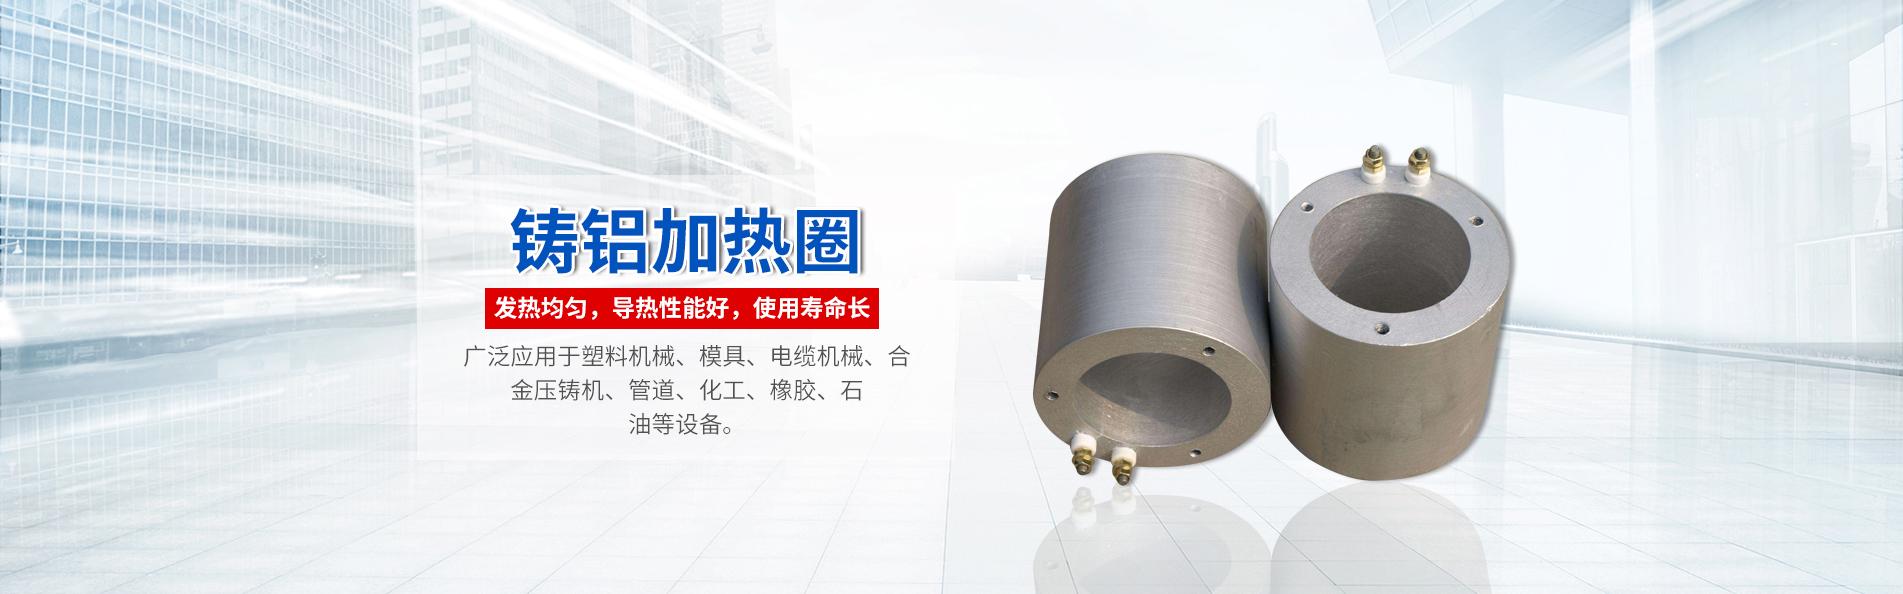 铸铝电加热圈